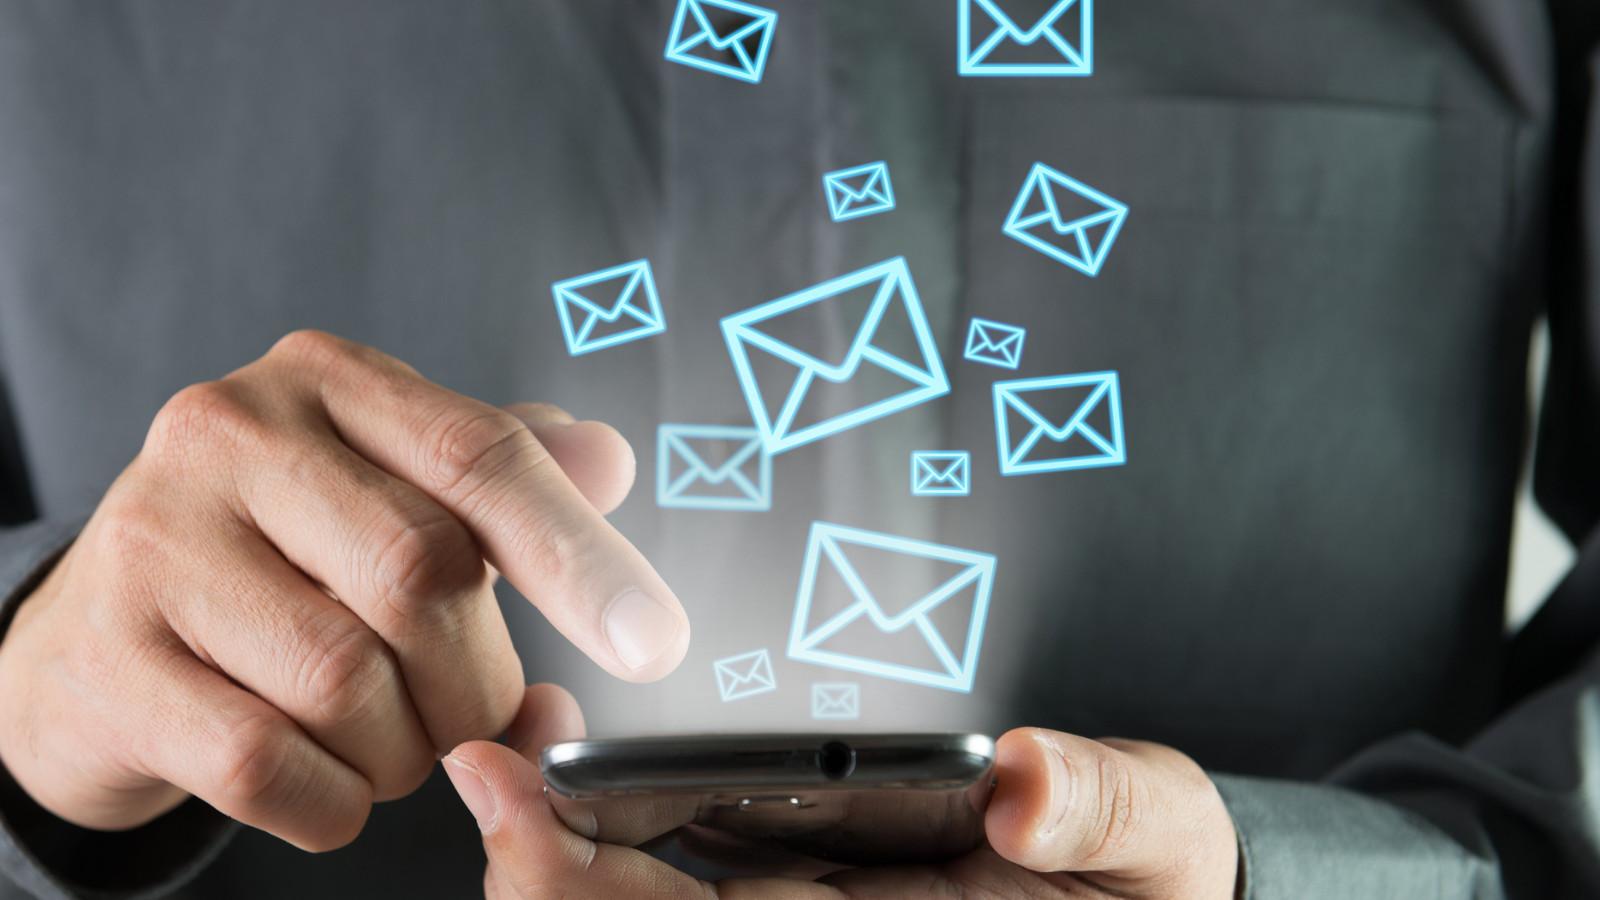 Mann tippt auf Handy und empfängt Mails